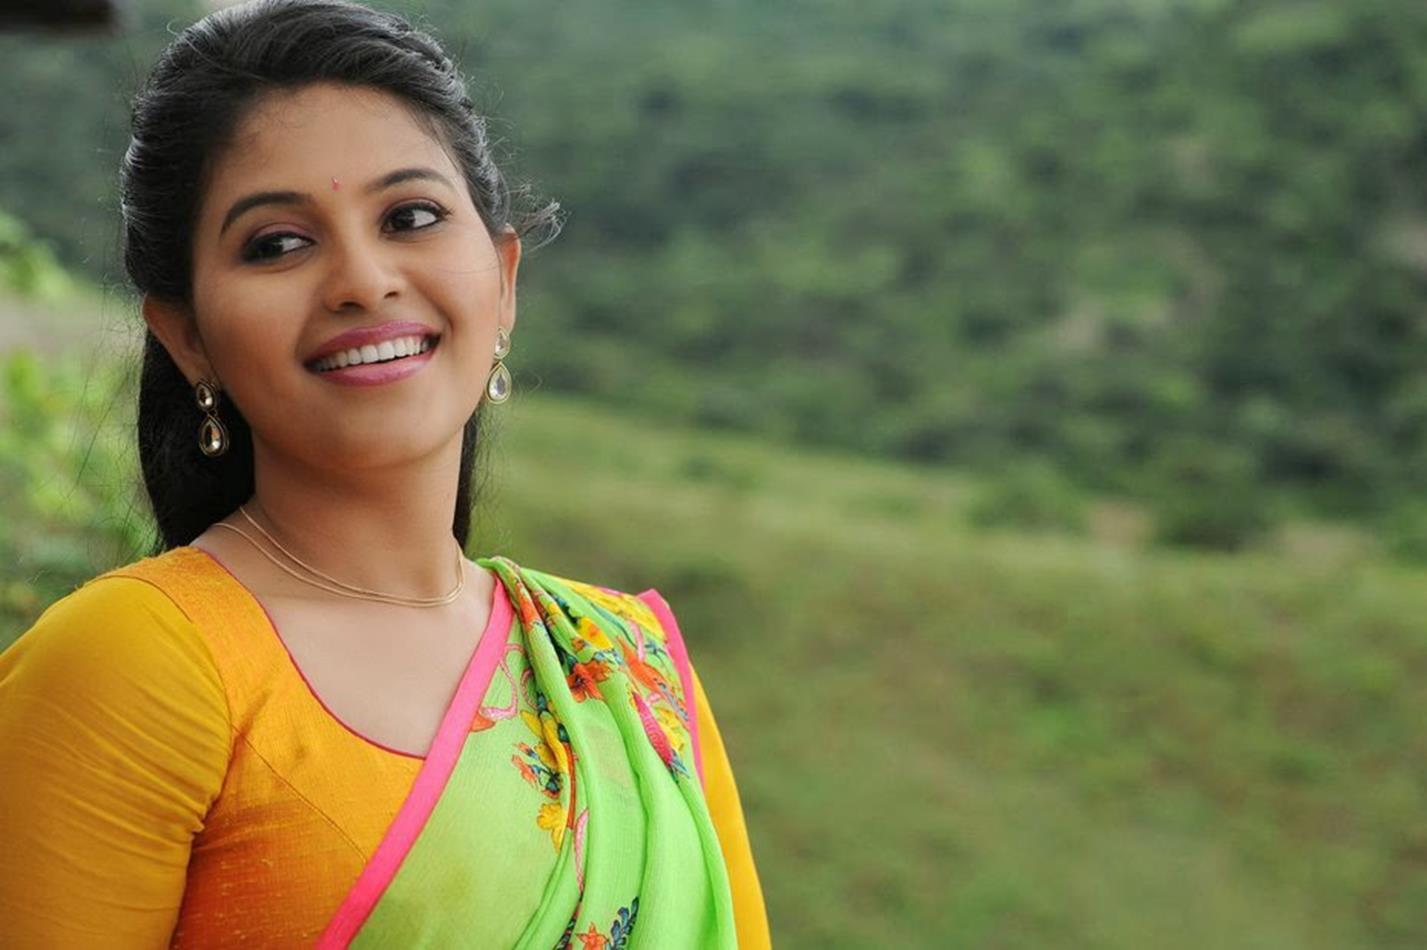 Anjali green half saree hot pictures